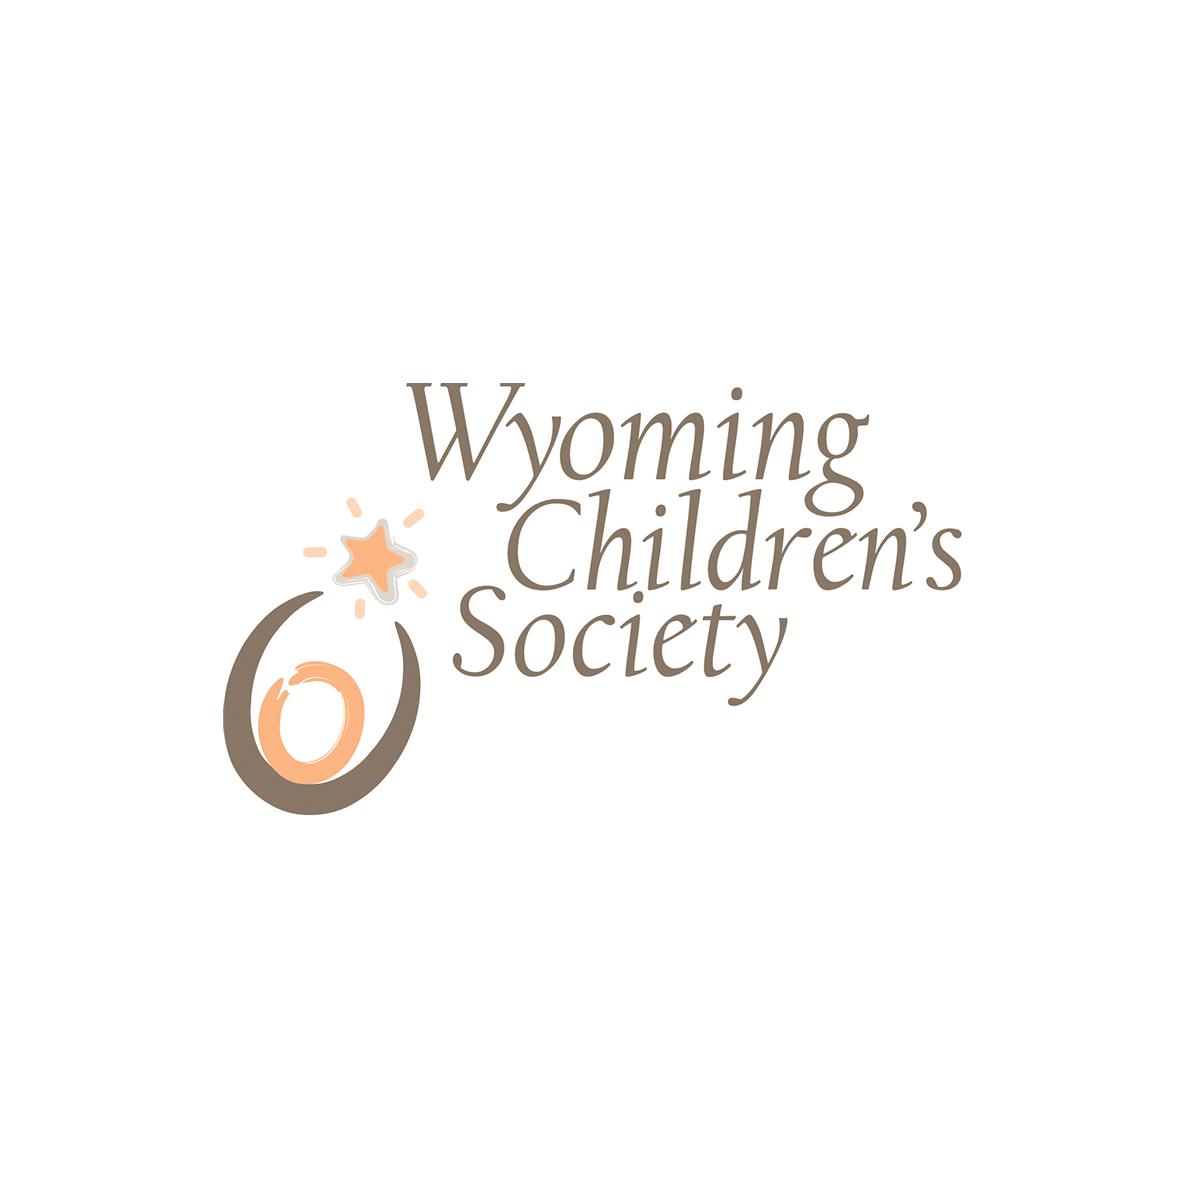 Wyoming Children's Society